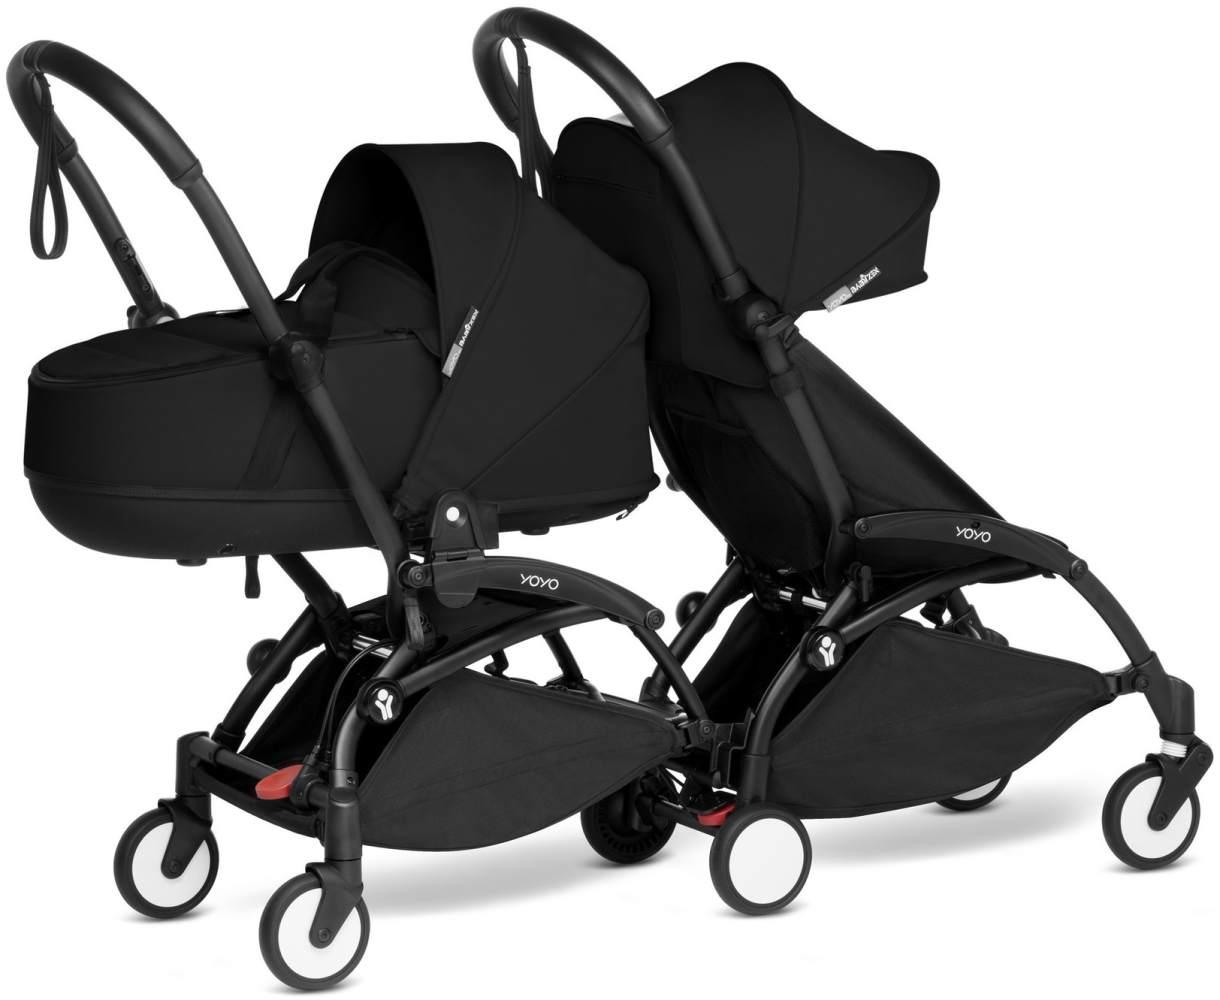 Babyzen YOYO2 schwarzer Rahmen mit CONNECT komplett für 1 Neugeborenes und 1 Kind von 6 Monaten + Farbe schwarz Bild 1